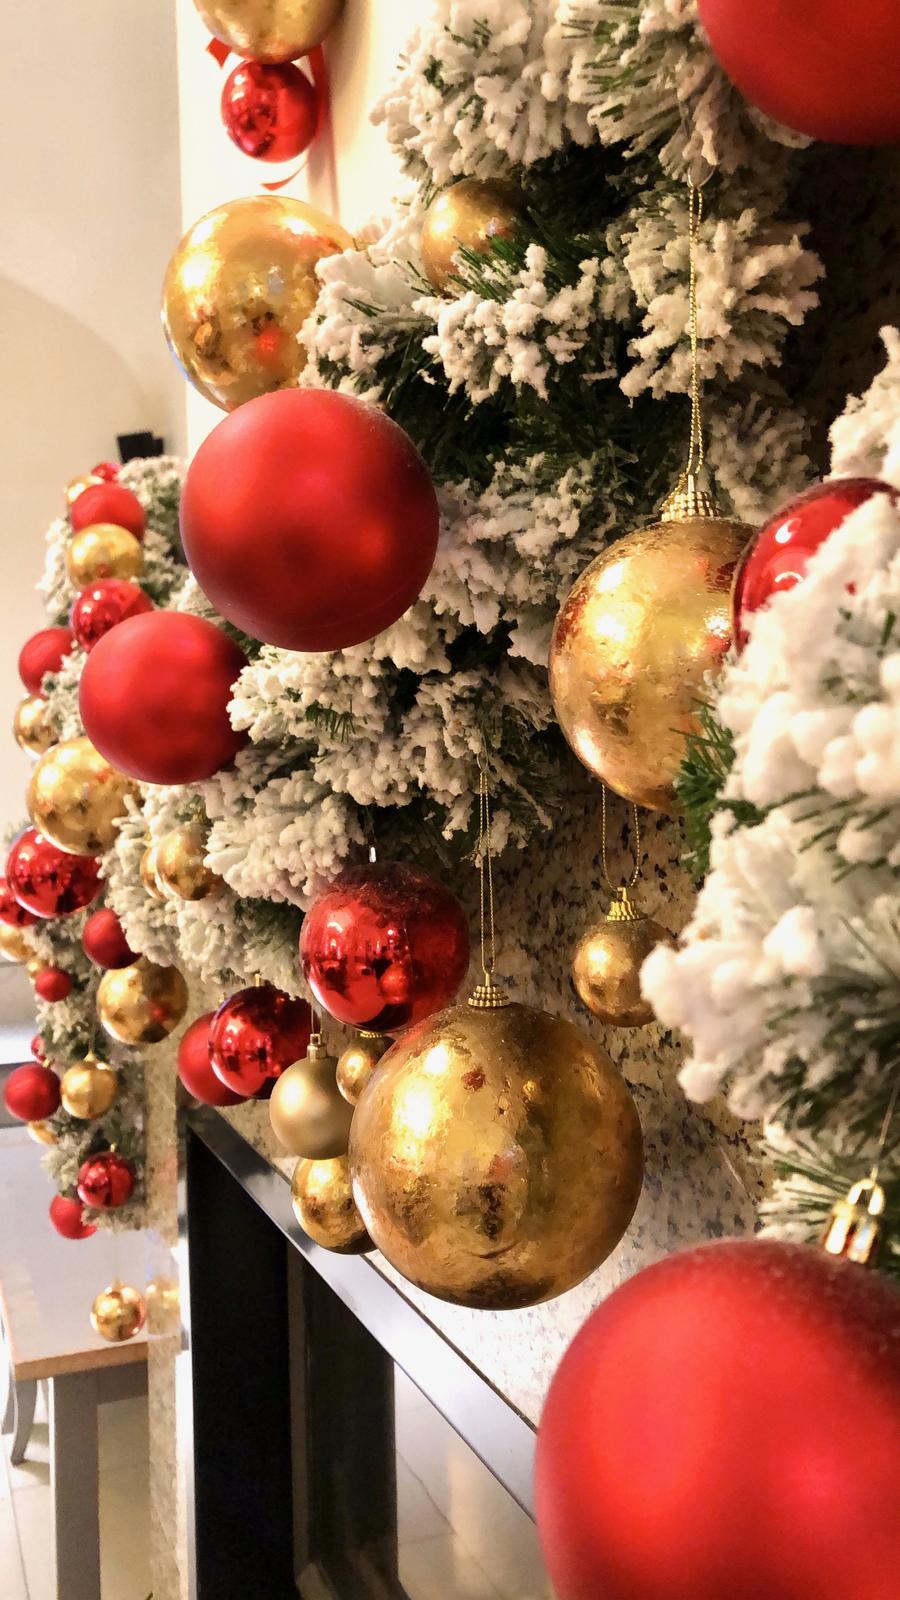 Vianoce sa už blížia... - Obrázok č. 2